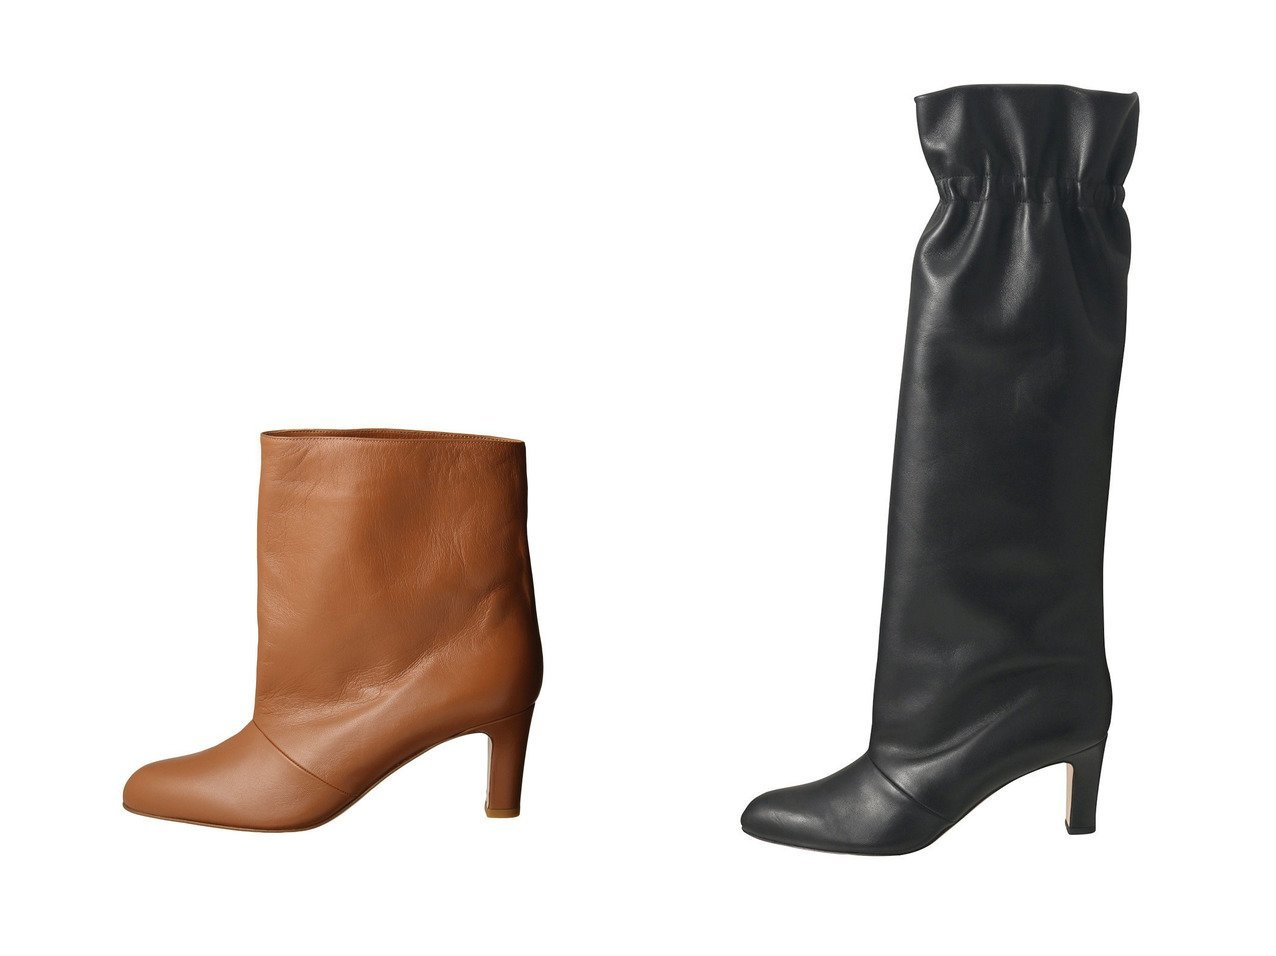 【1er Arrondissement/プルミエ アロンディスモン】の【NEBULONI】レザーアンクルブーツ&【NEBULONI E.】ロングブーツ シューズ・靴のおすすめ!人気、トレンド・レディースファッションの通販 おすすめで人気の流行・トレンド、ファッションの通販商品 メンズファッション・キッズファッション・インテリア・家具・レディースファッション・服の通販 founy(ファニー) https://founy.com/ ファッション Fashion レディースファッション WOMEN シンプル フェミニン ロング アンクル ショート トレンド 今季 |ID:crp329100000011793